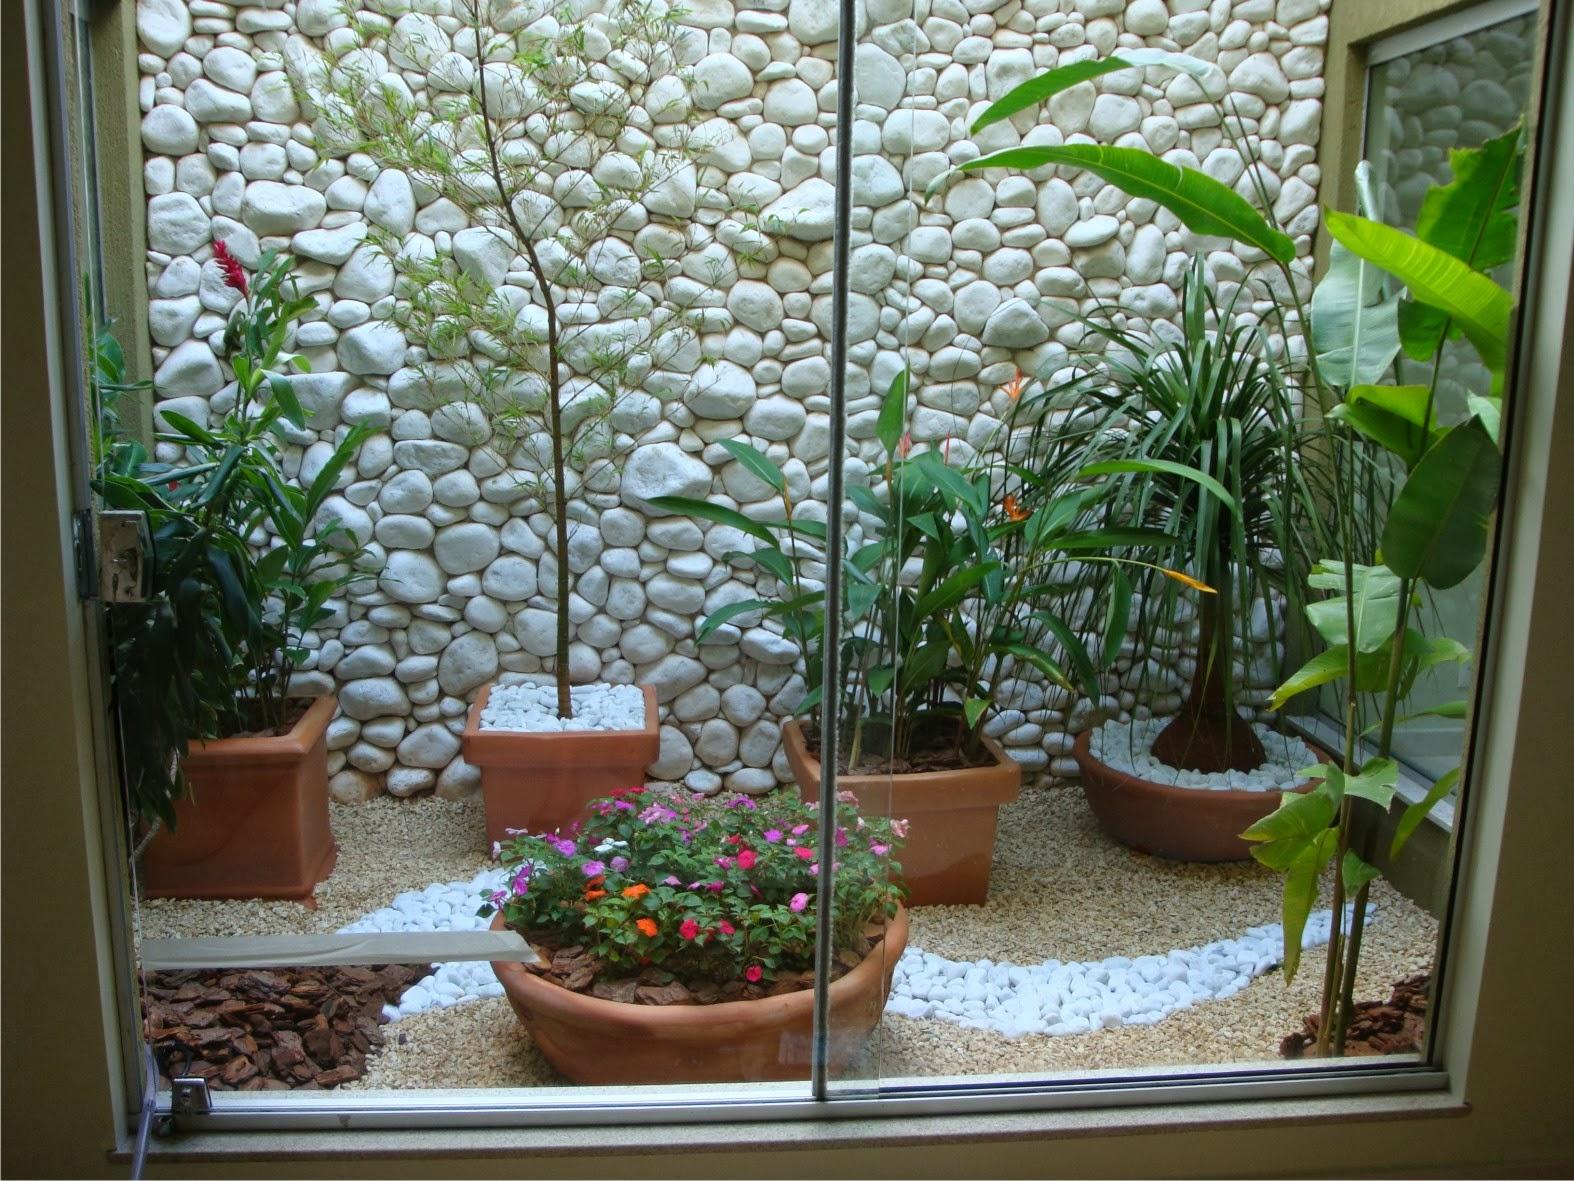 Jardim de inverno pequeno improvisado em um cantinho da casa com iluminação natural, dando mais vida ao ambiente